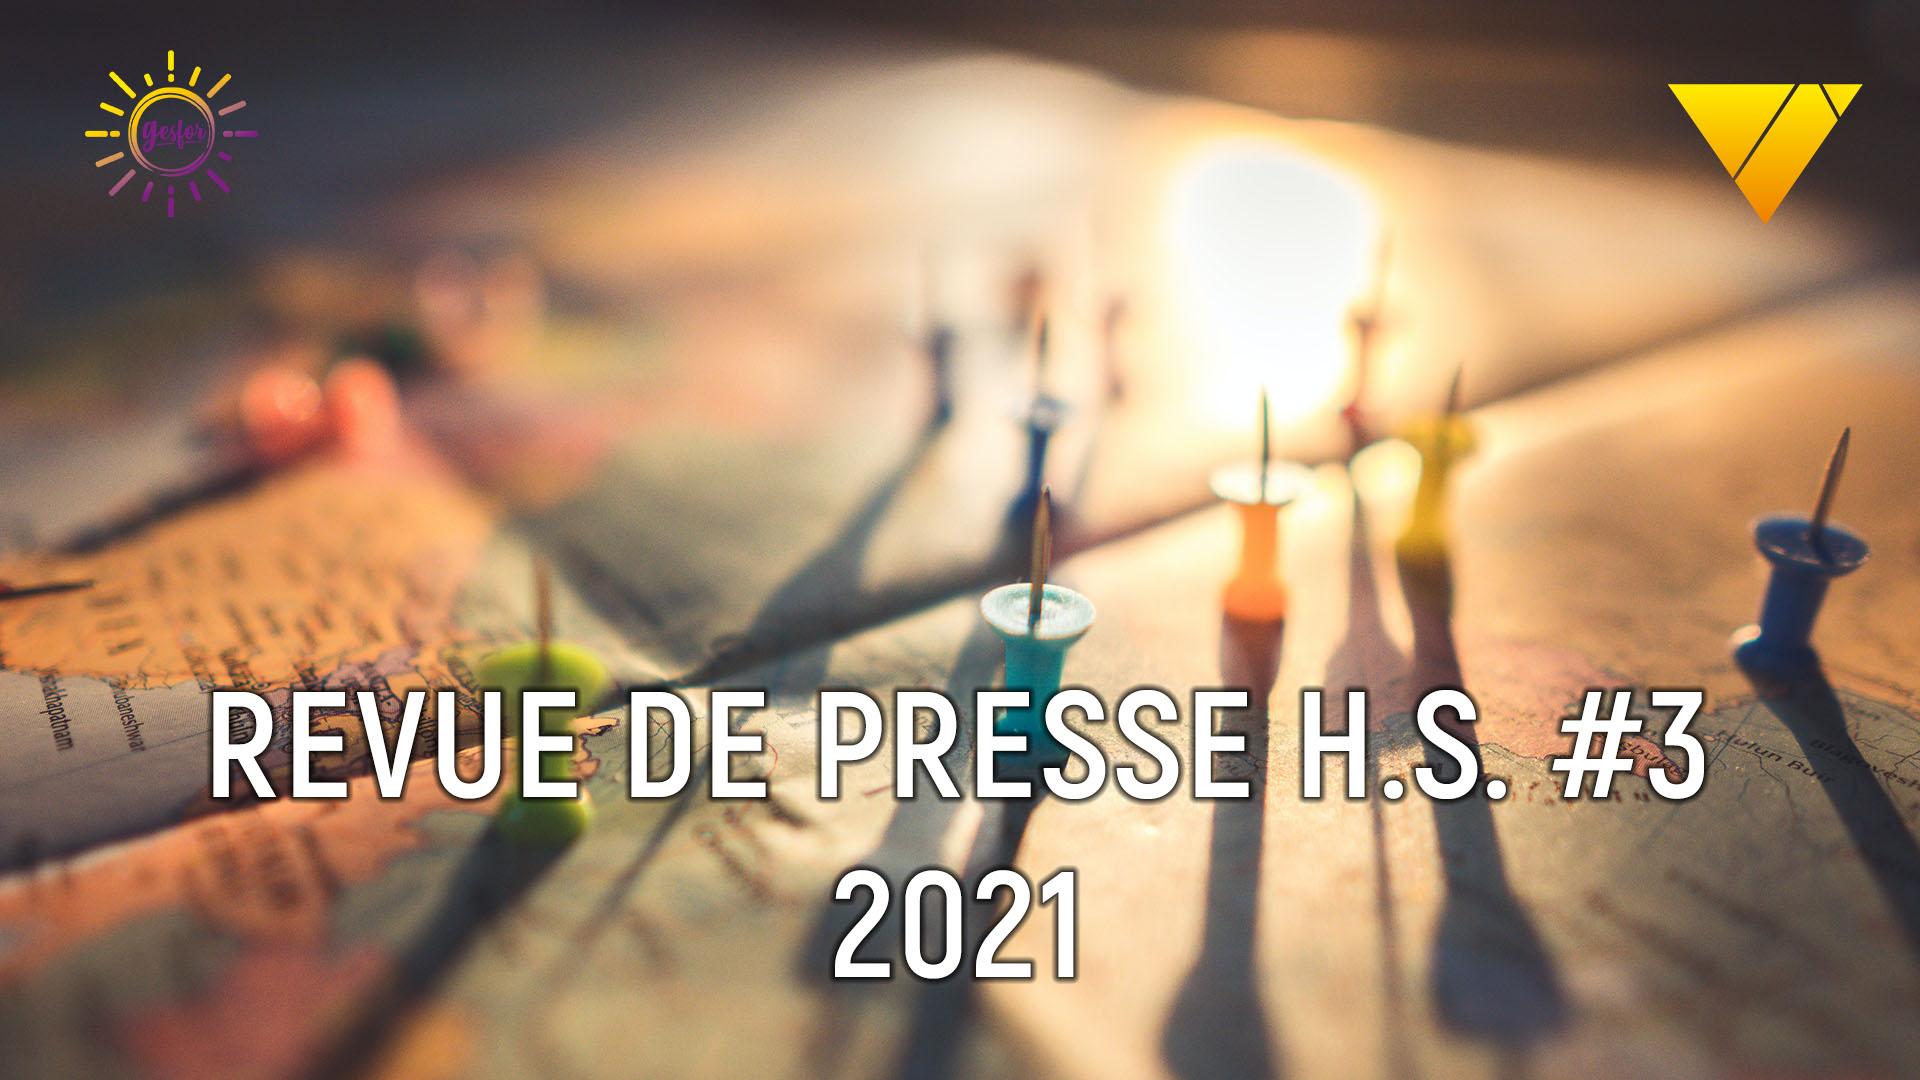 3eme hors série 2021 revue de presse accidentologie du travail, on parle accident catec avec une rétrospective depuis 2019